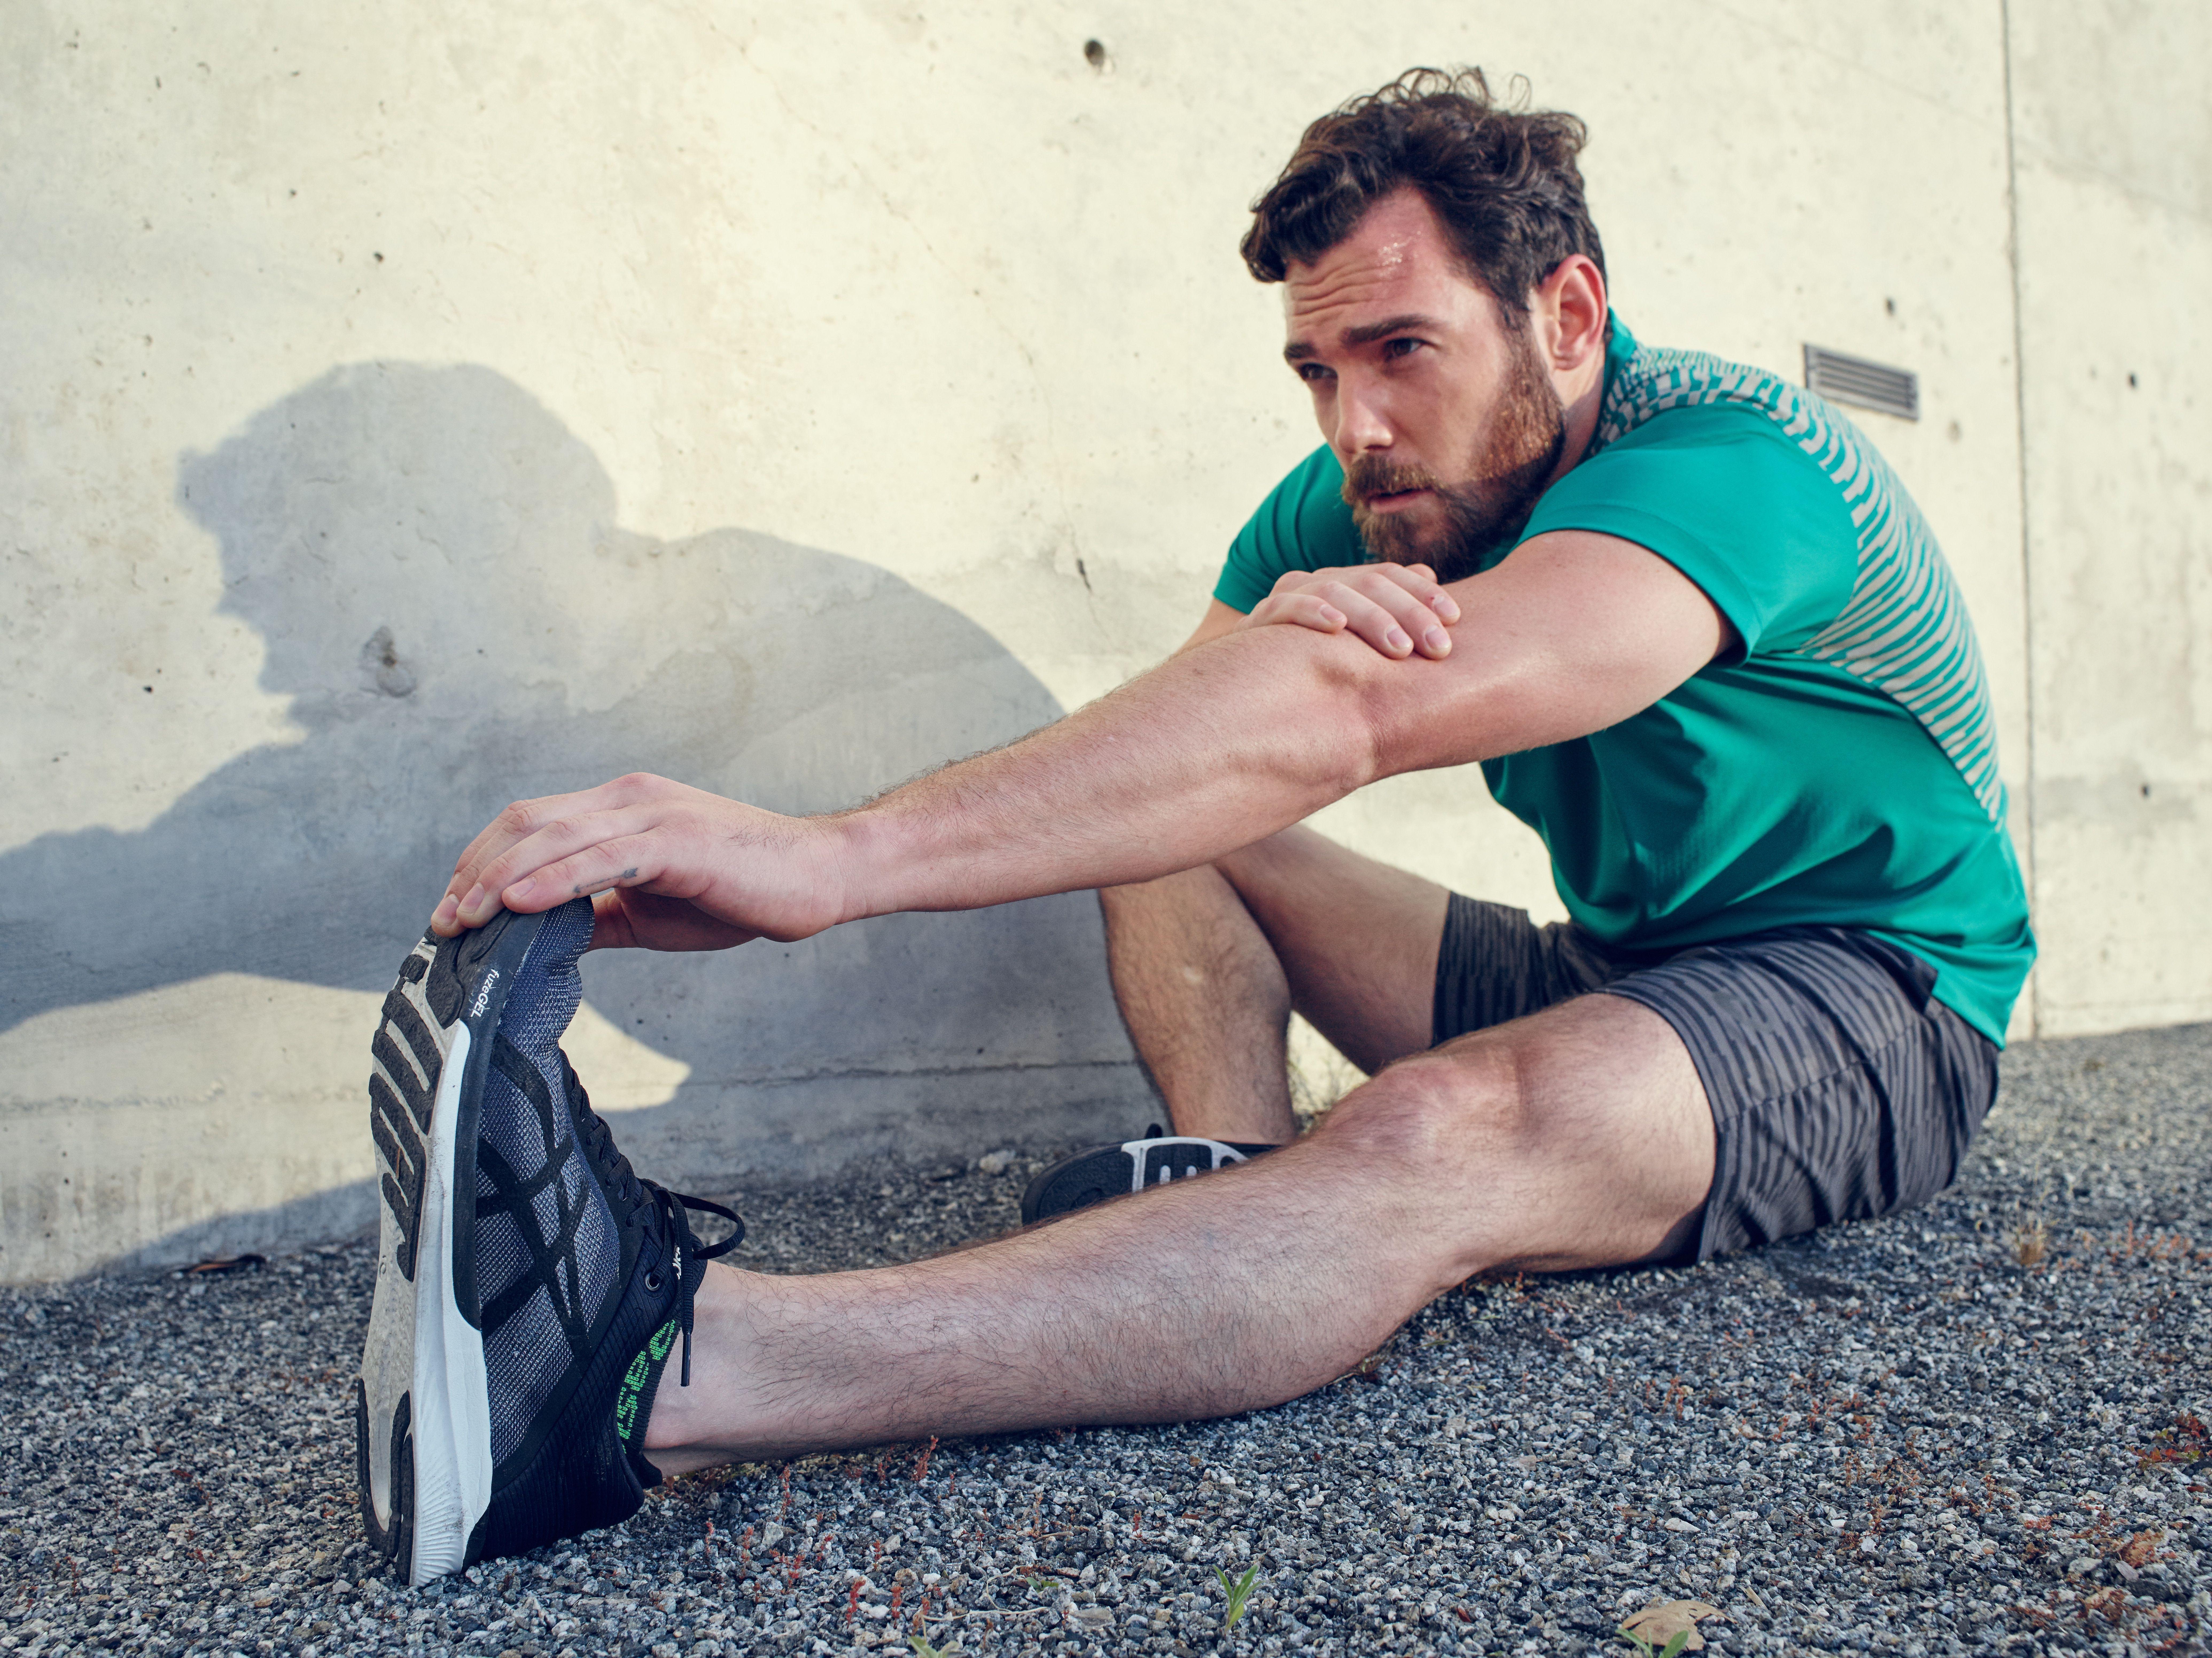 asics for knee pain